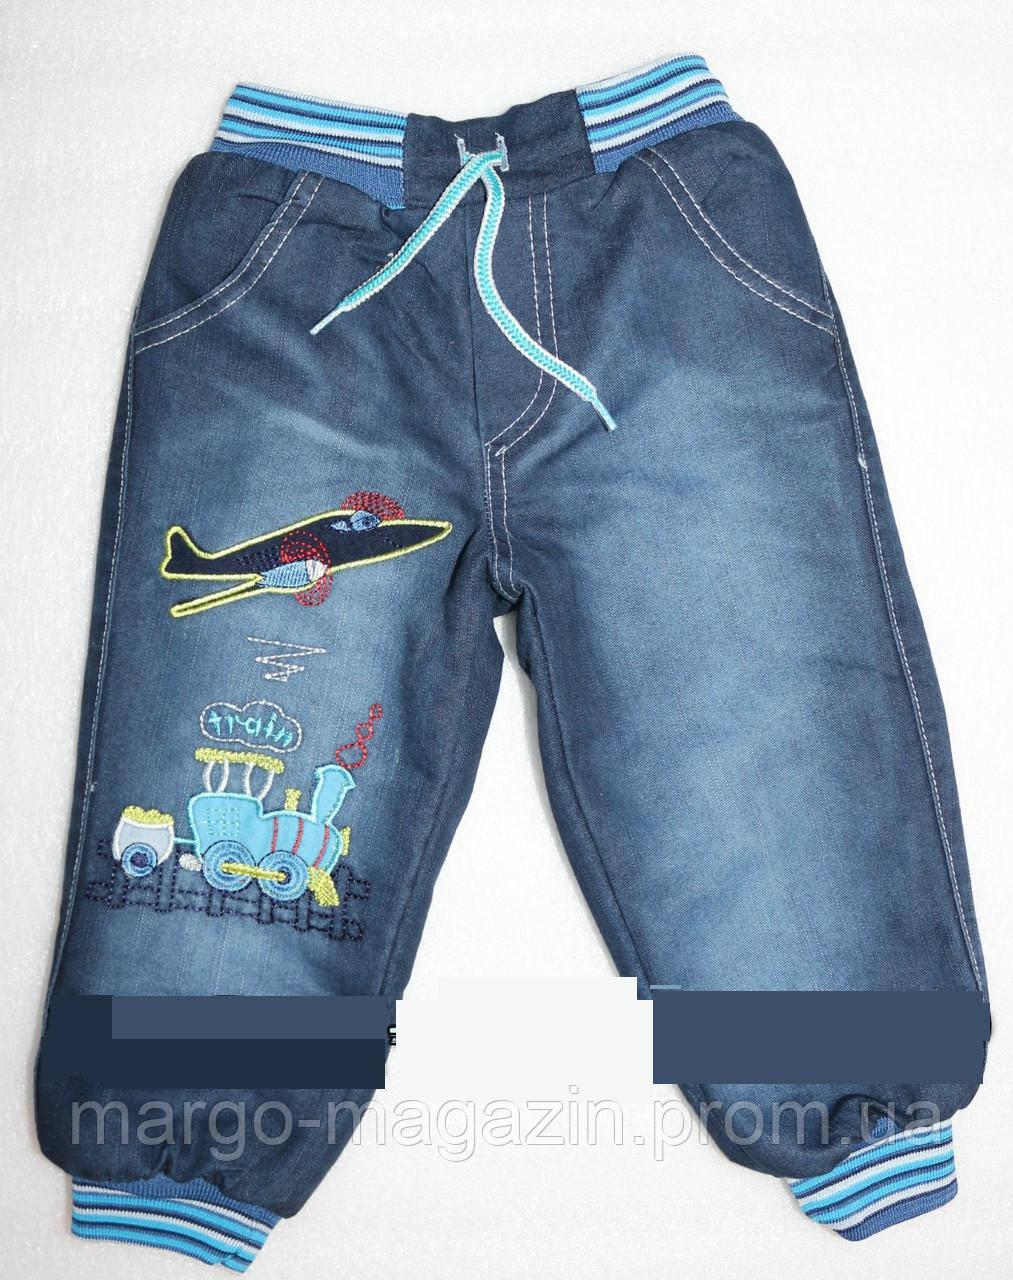 Купить турецкие джинсы доставка